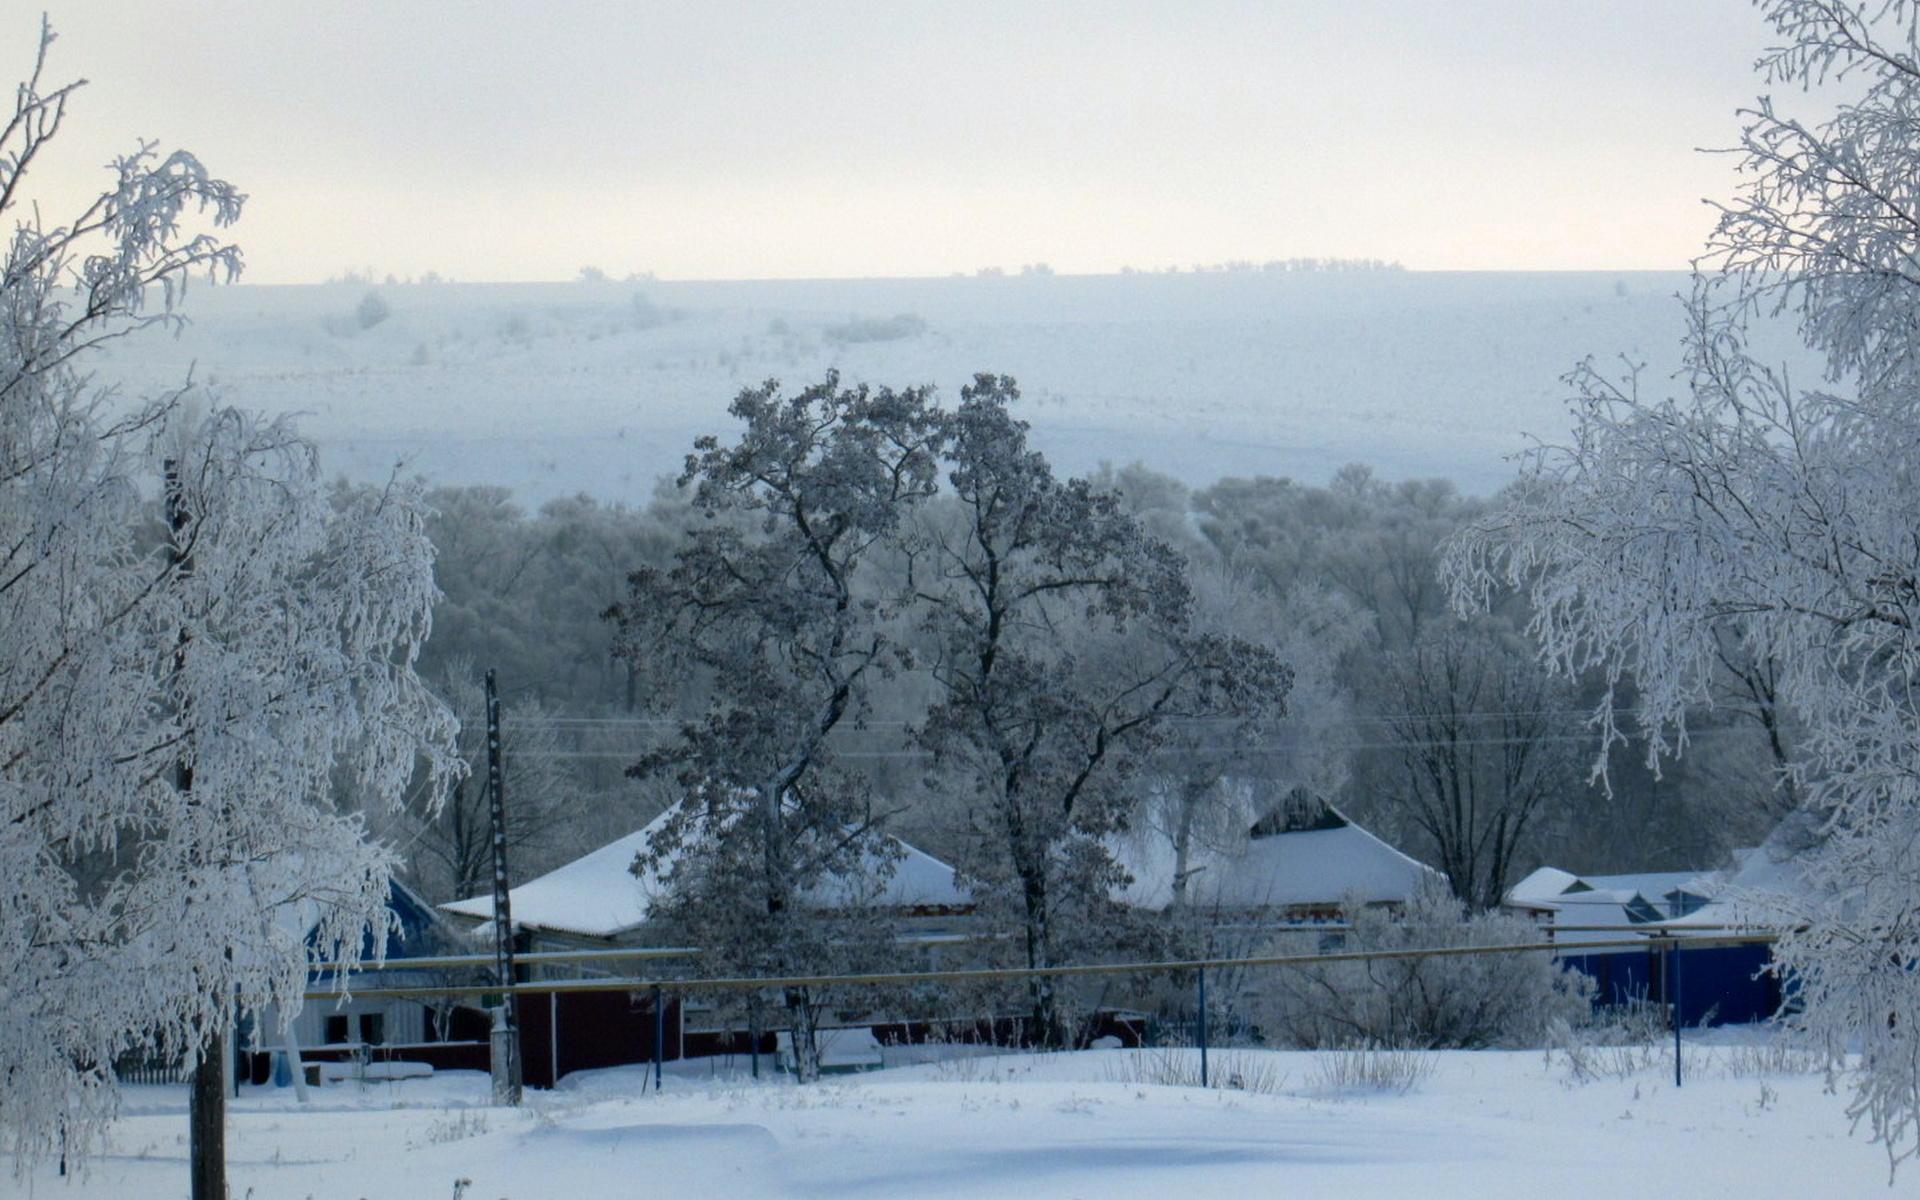 зима, деревня, иней, мороз